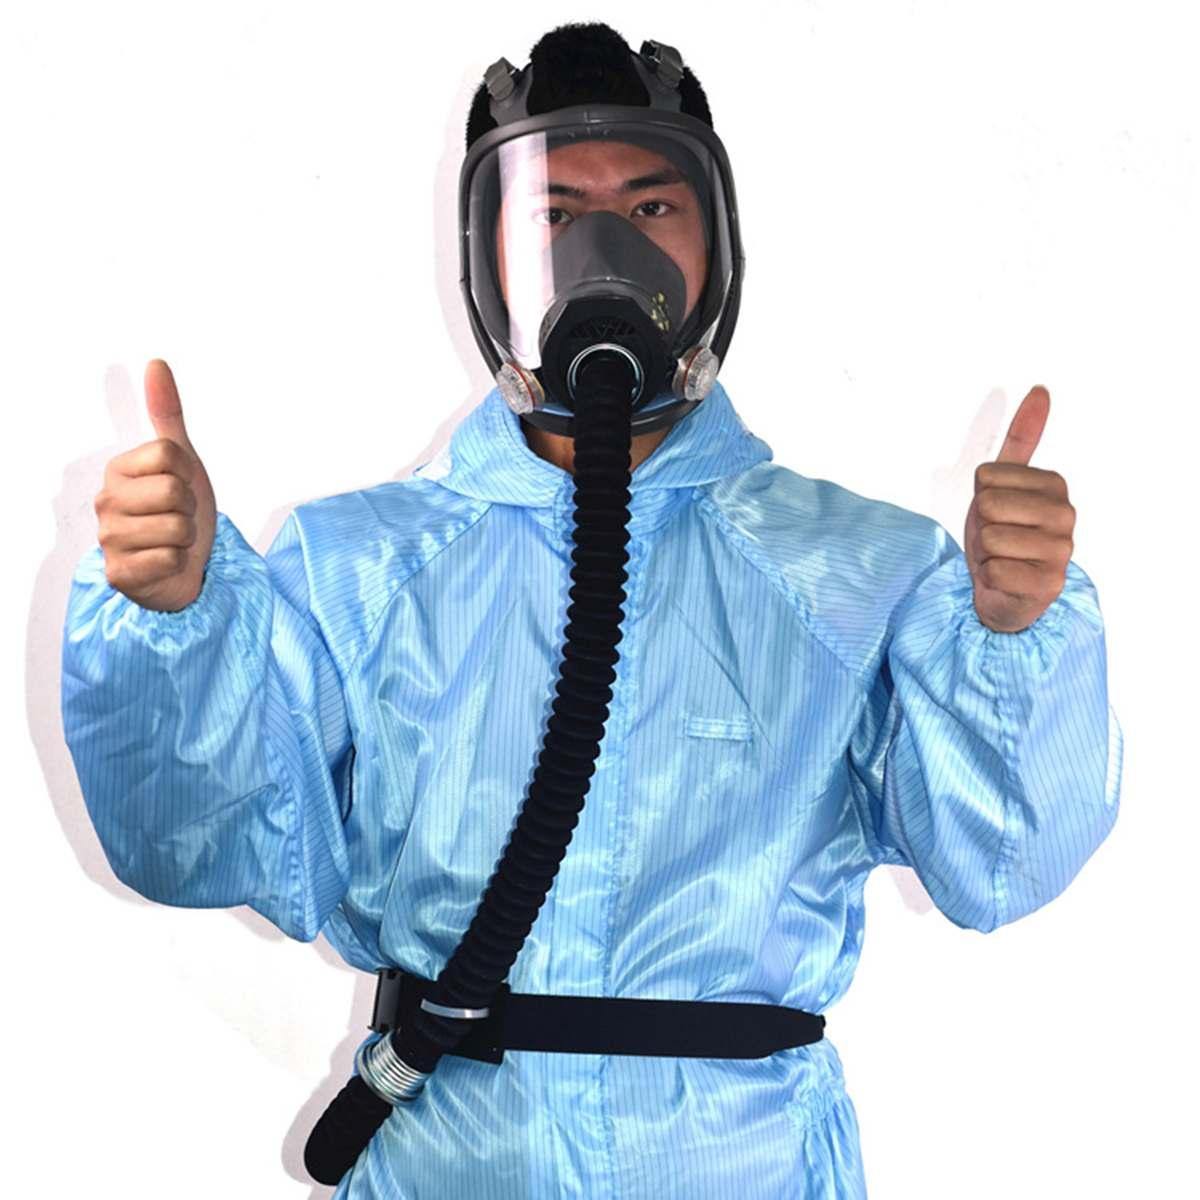 Электрический постоянный поток подаваемого воздуха Fed полное лицо противогаз, респиратор Системы защитная маска резиновые рабочем месте о